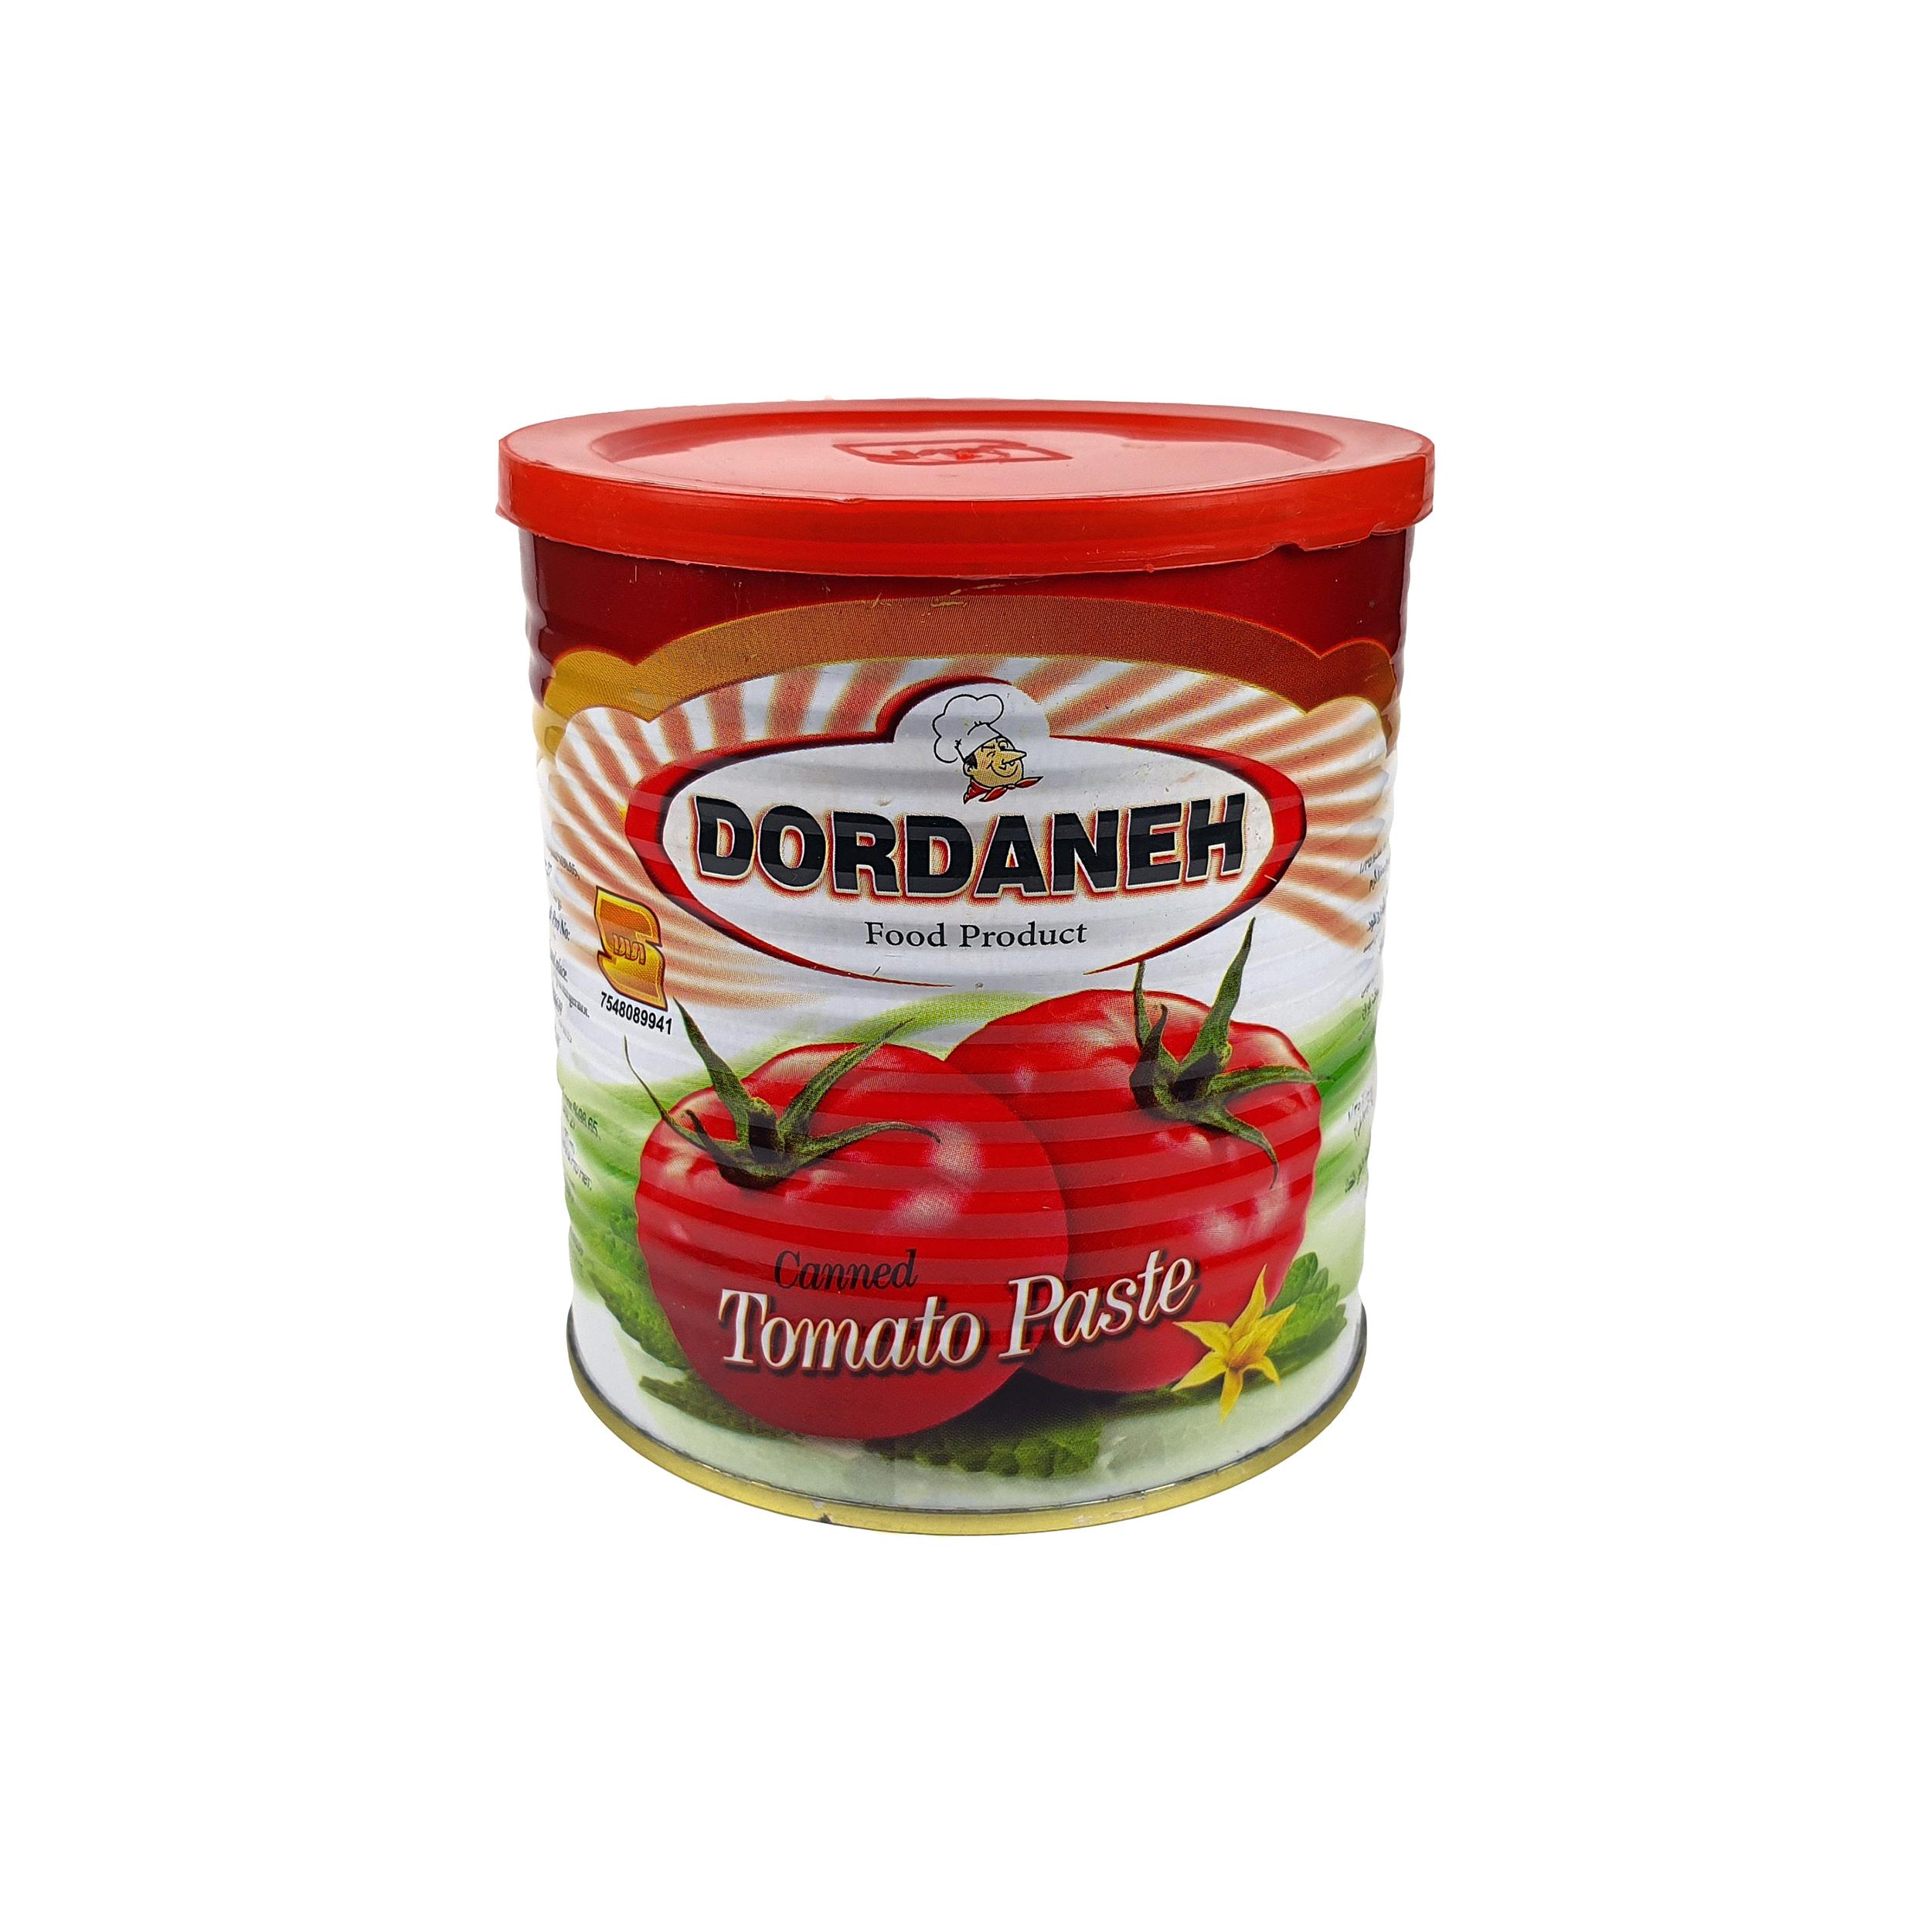 کنسرو رب گوجه فرنگی دردانه - 800 گرم